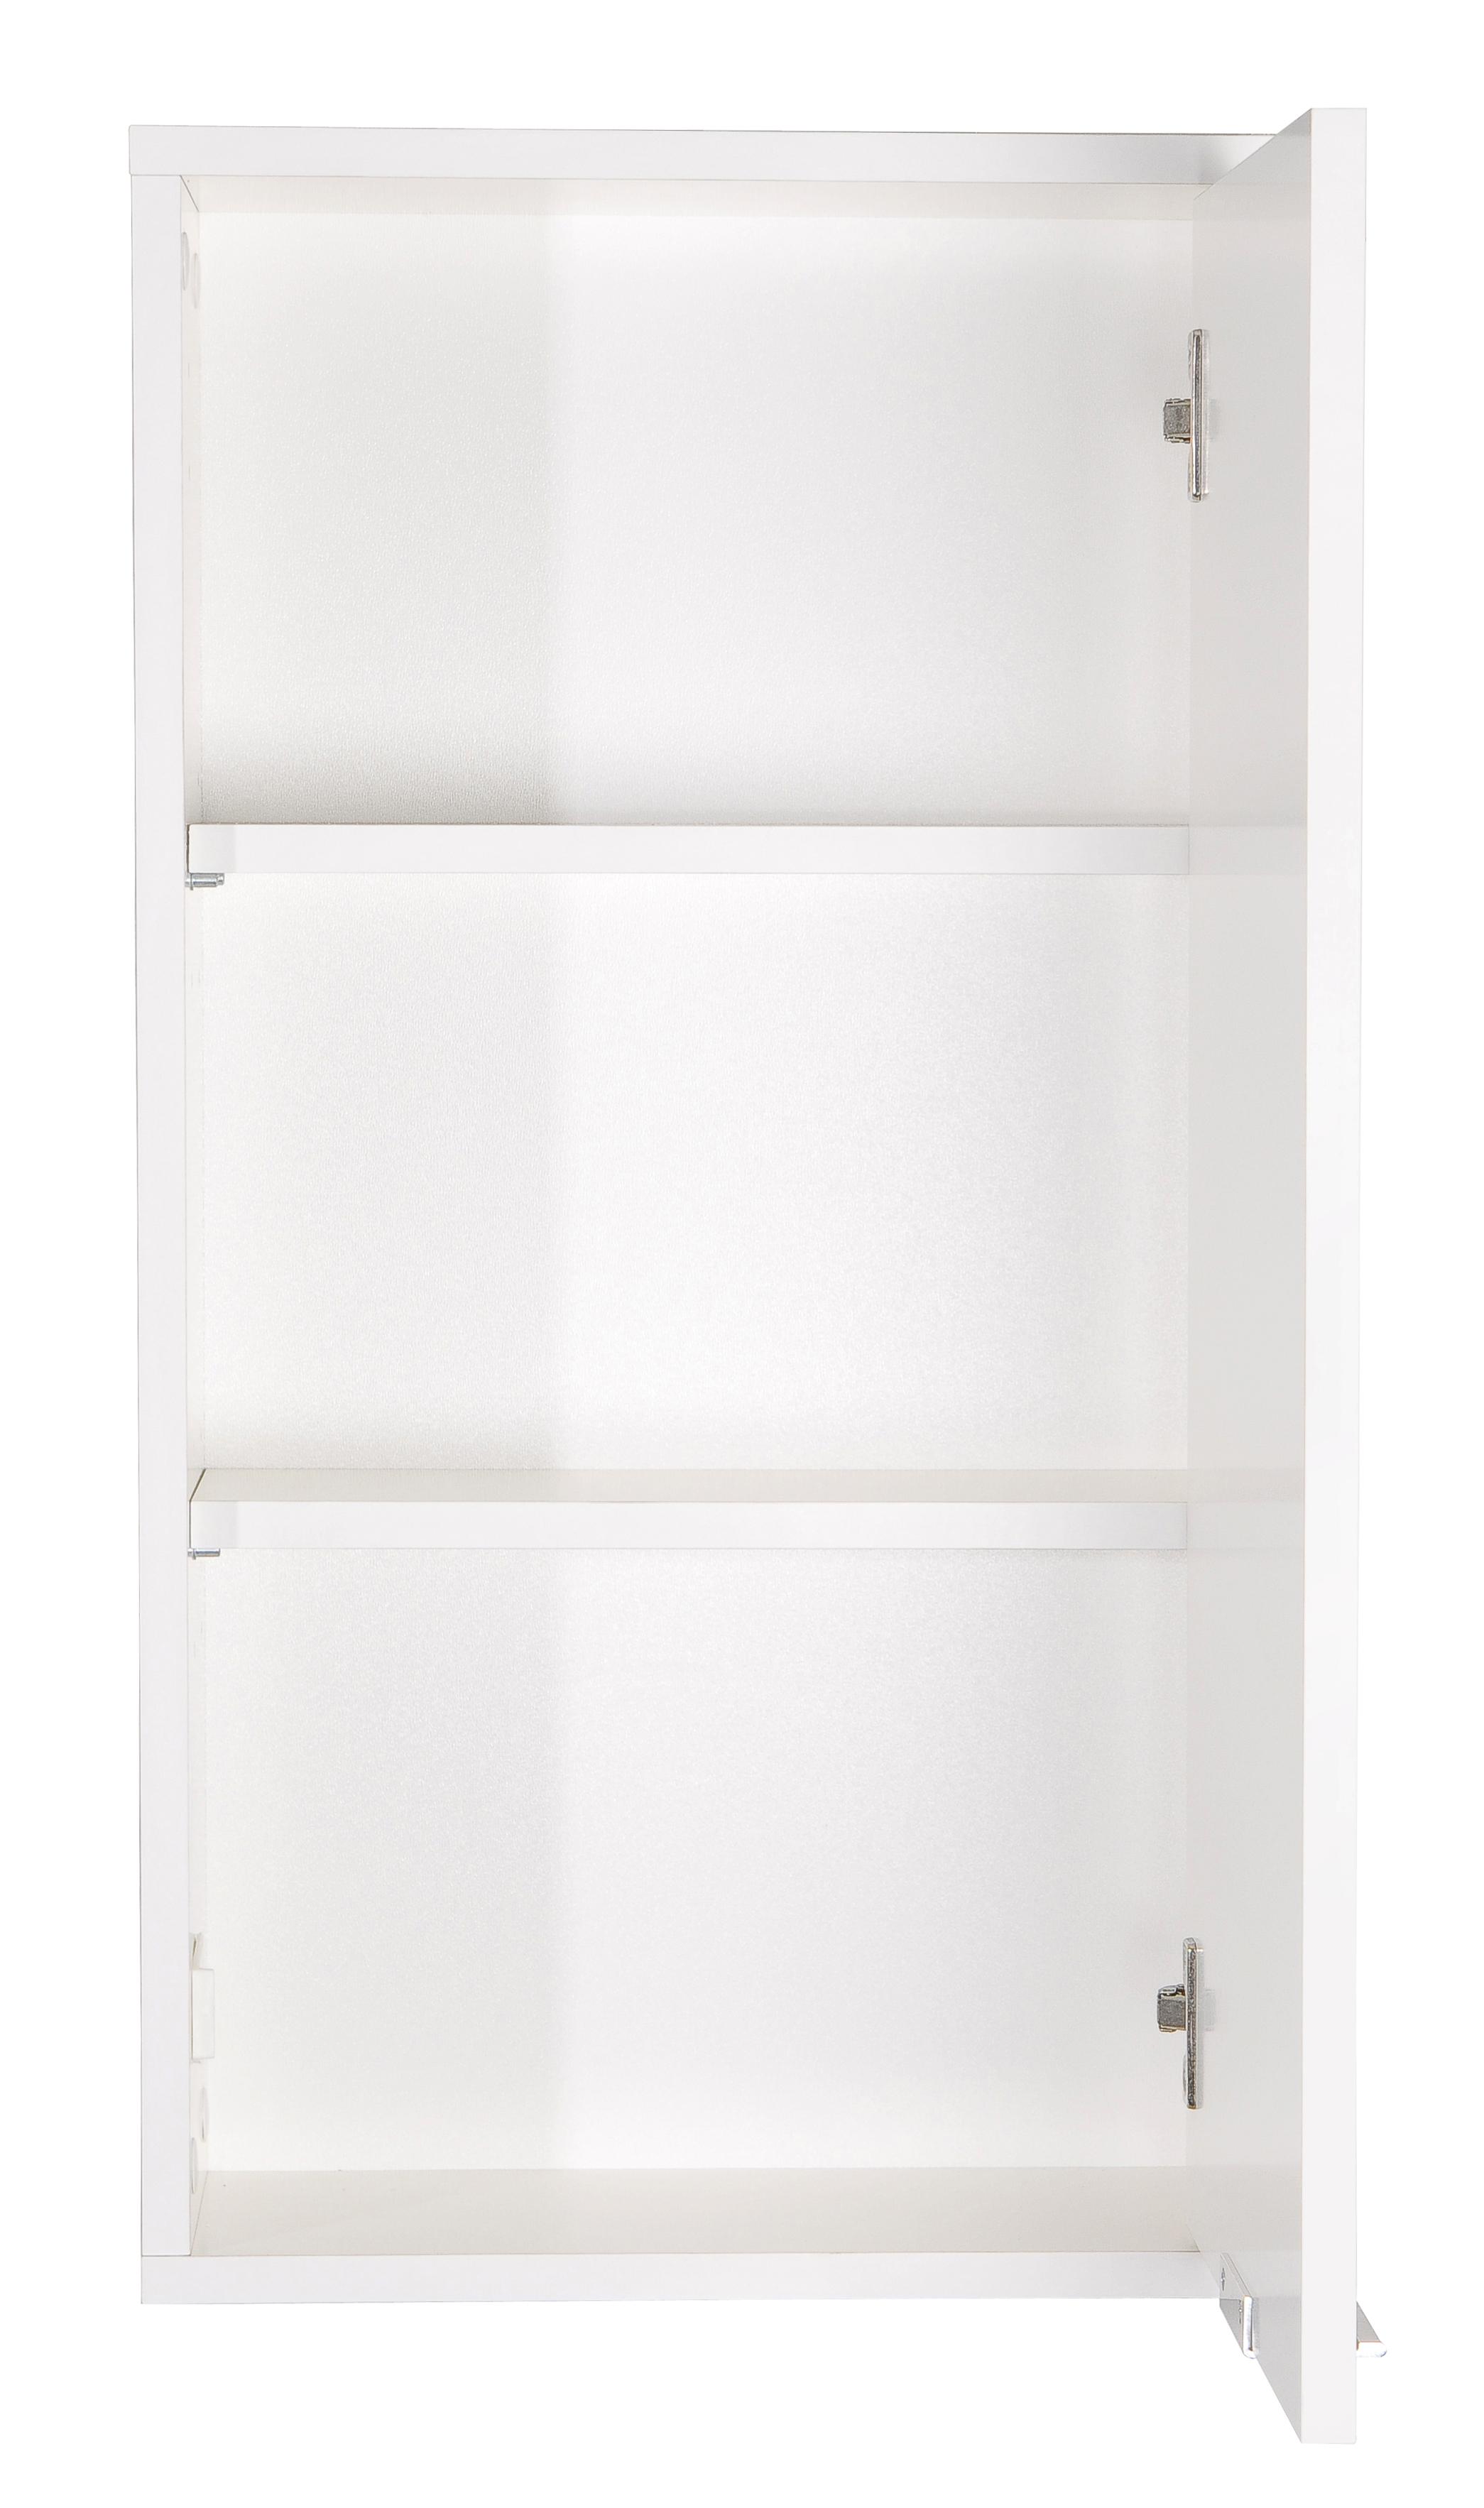 Zamora 5 Badezimmer Wandschrank Von Fmd Weiss